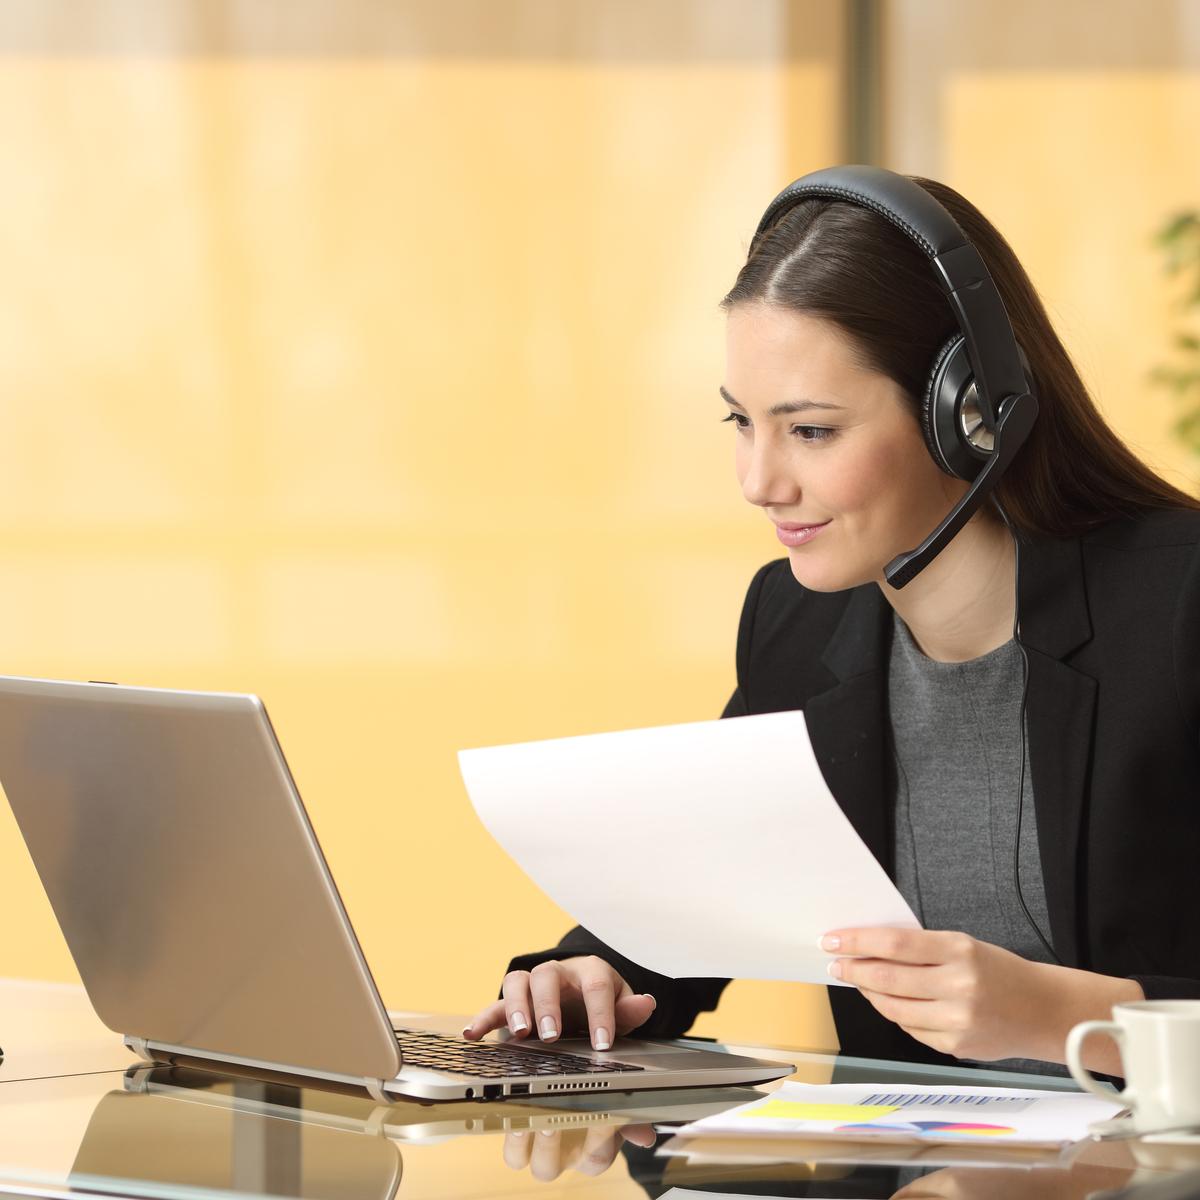 An associate answering a call